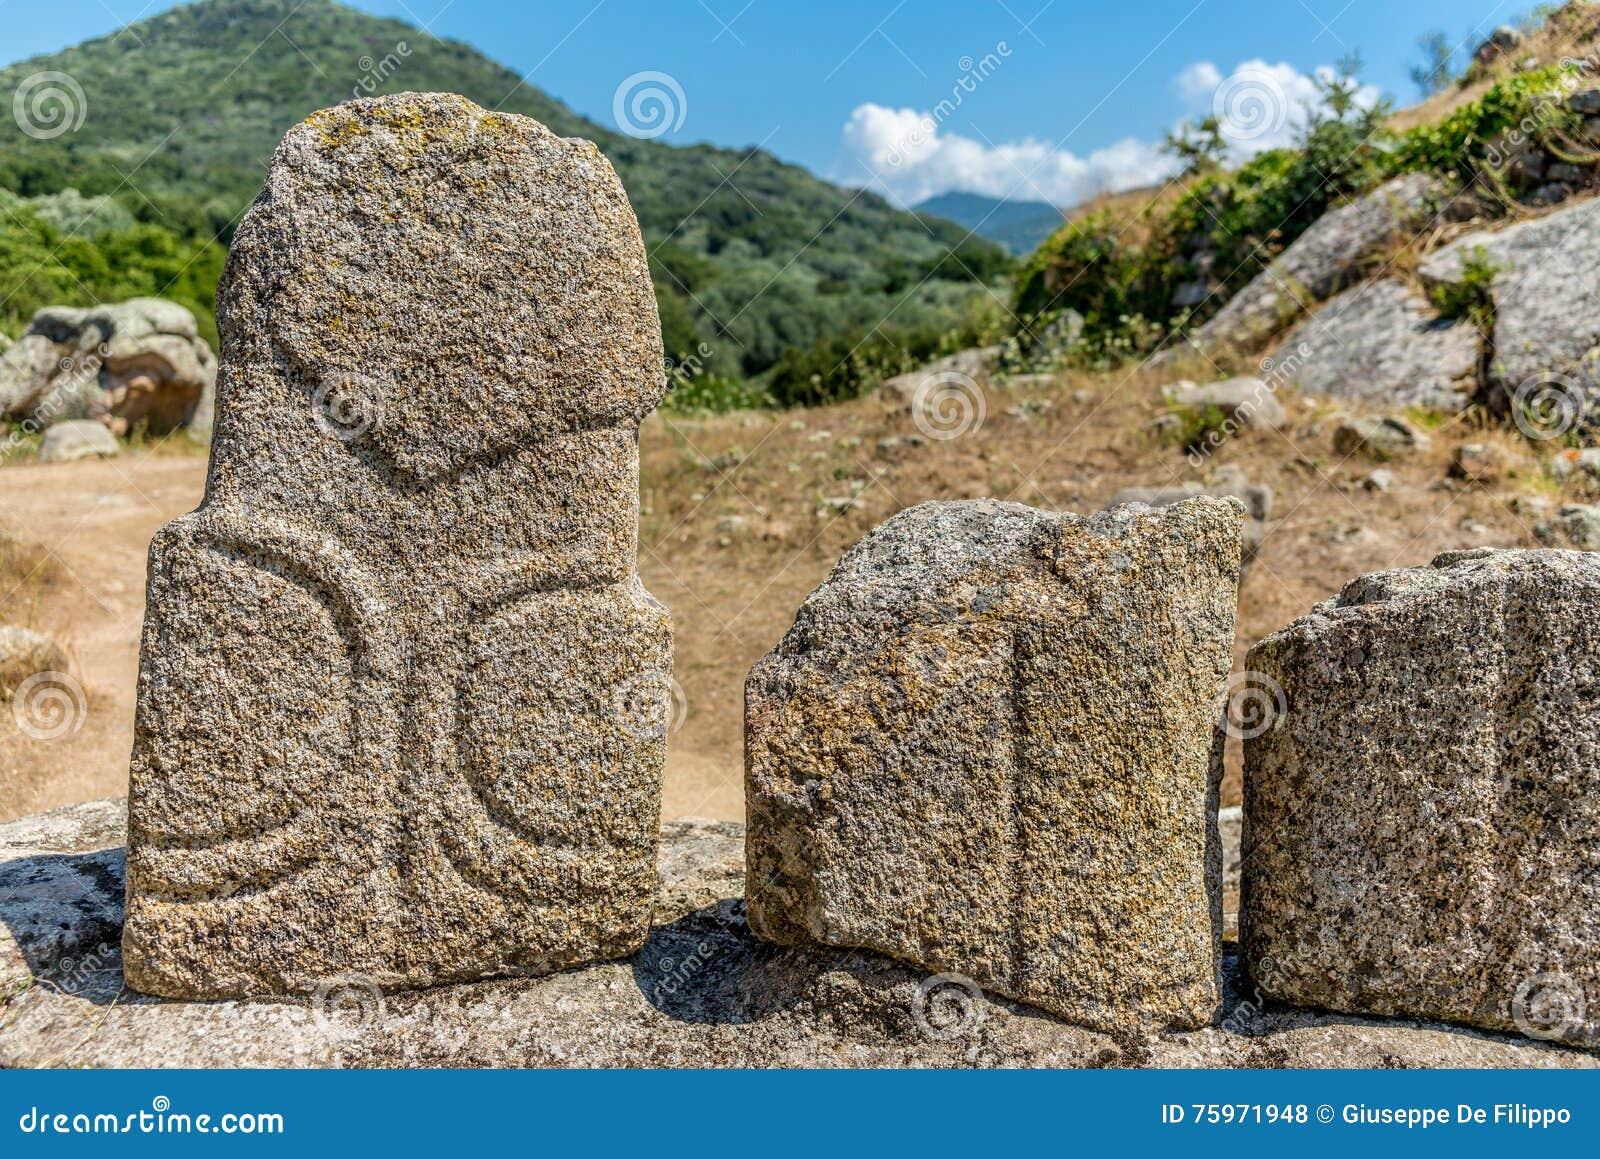 Estatuas prehistóricas en las colinas de Córcega - 4